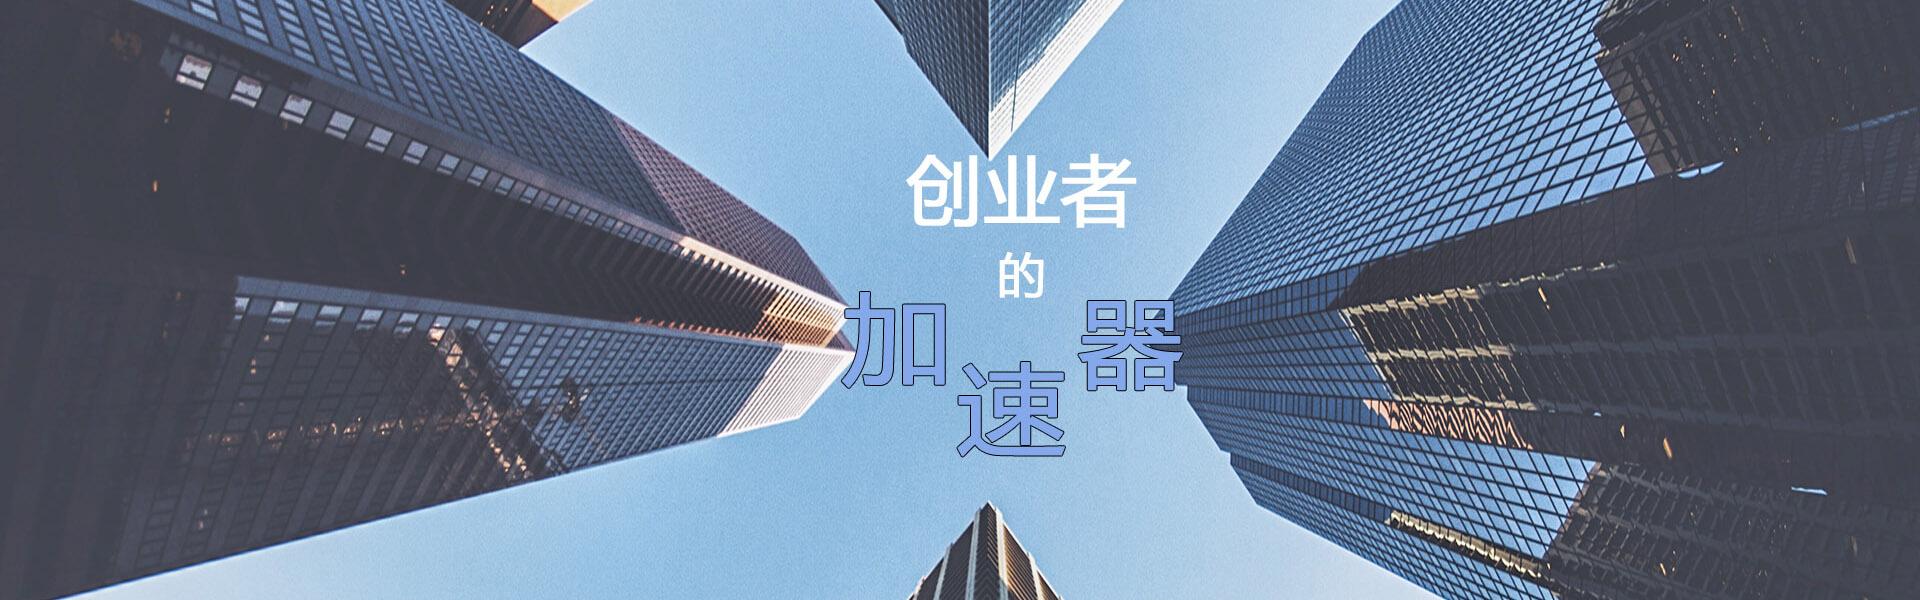 北京供应链服务公司